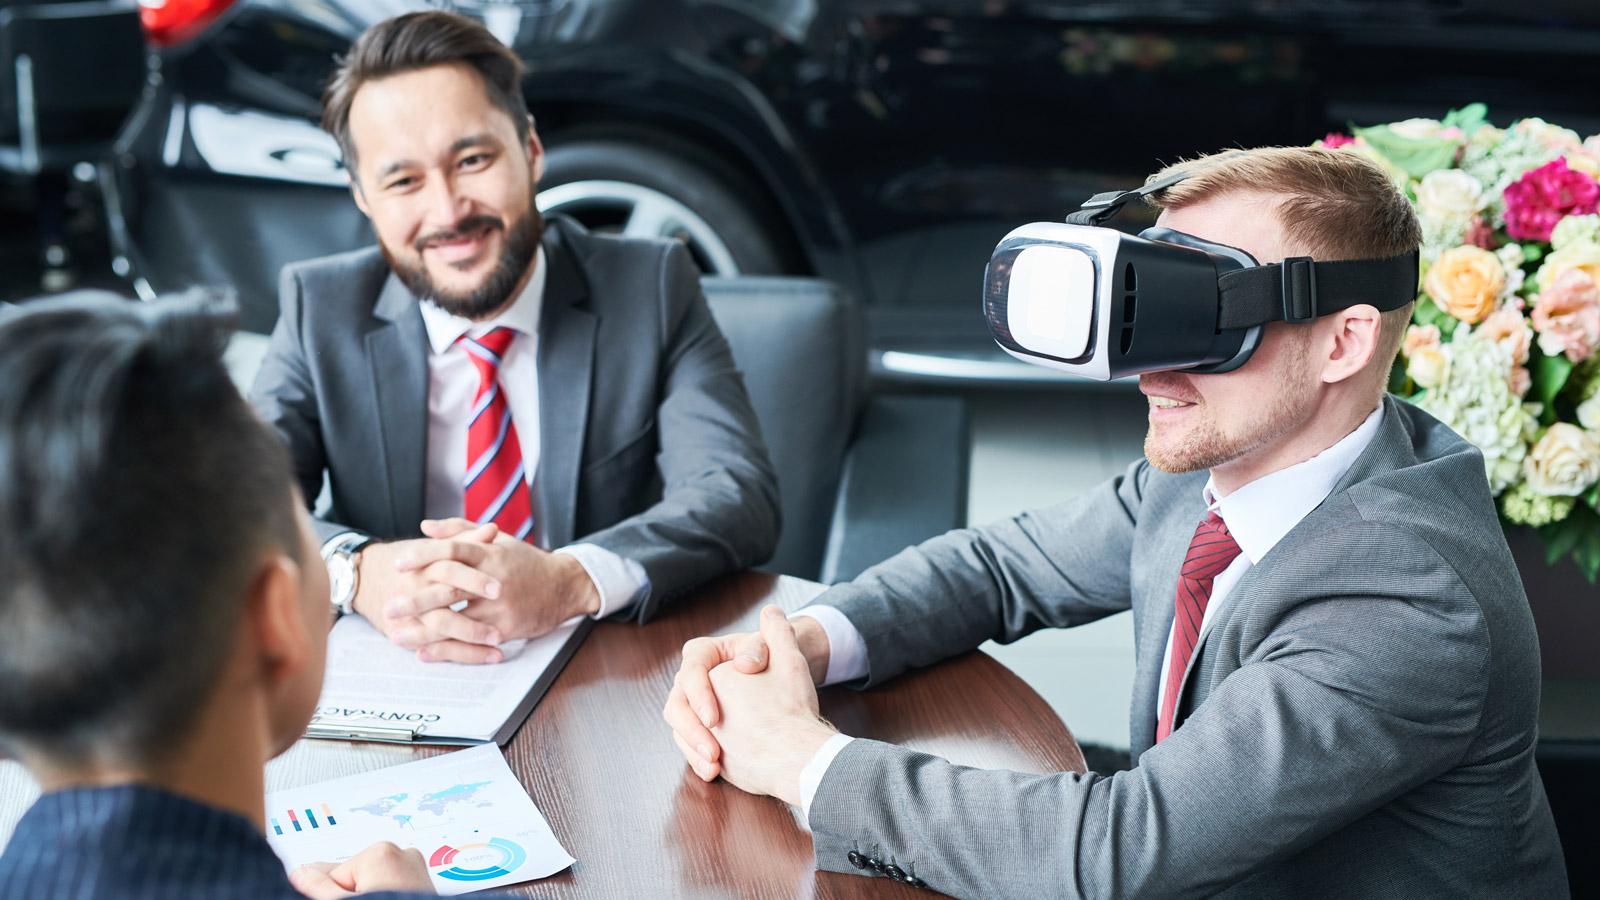 Zmiany w biznesie w epoce szybkich innowacji zmiany mediarun biznes biuro technologie 2019